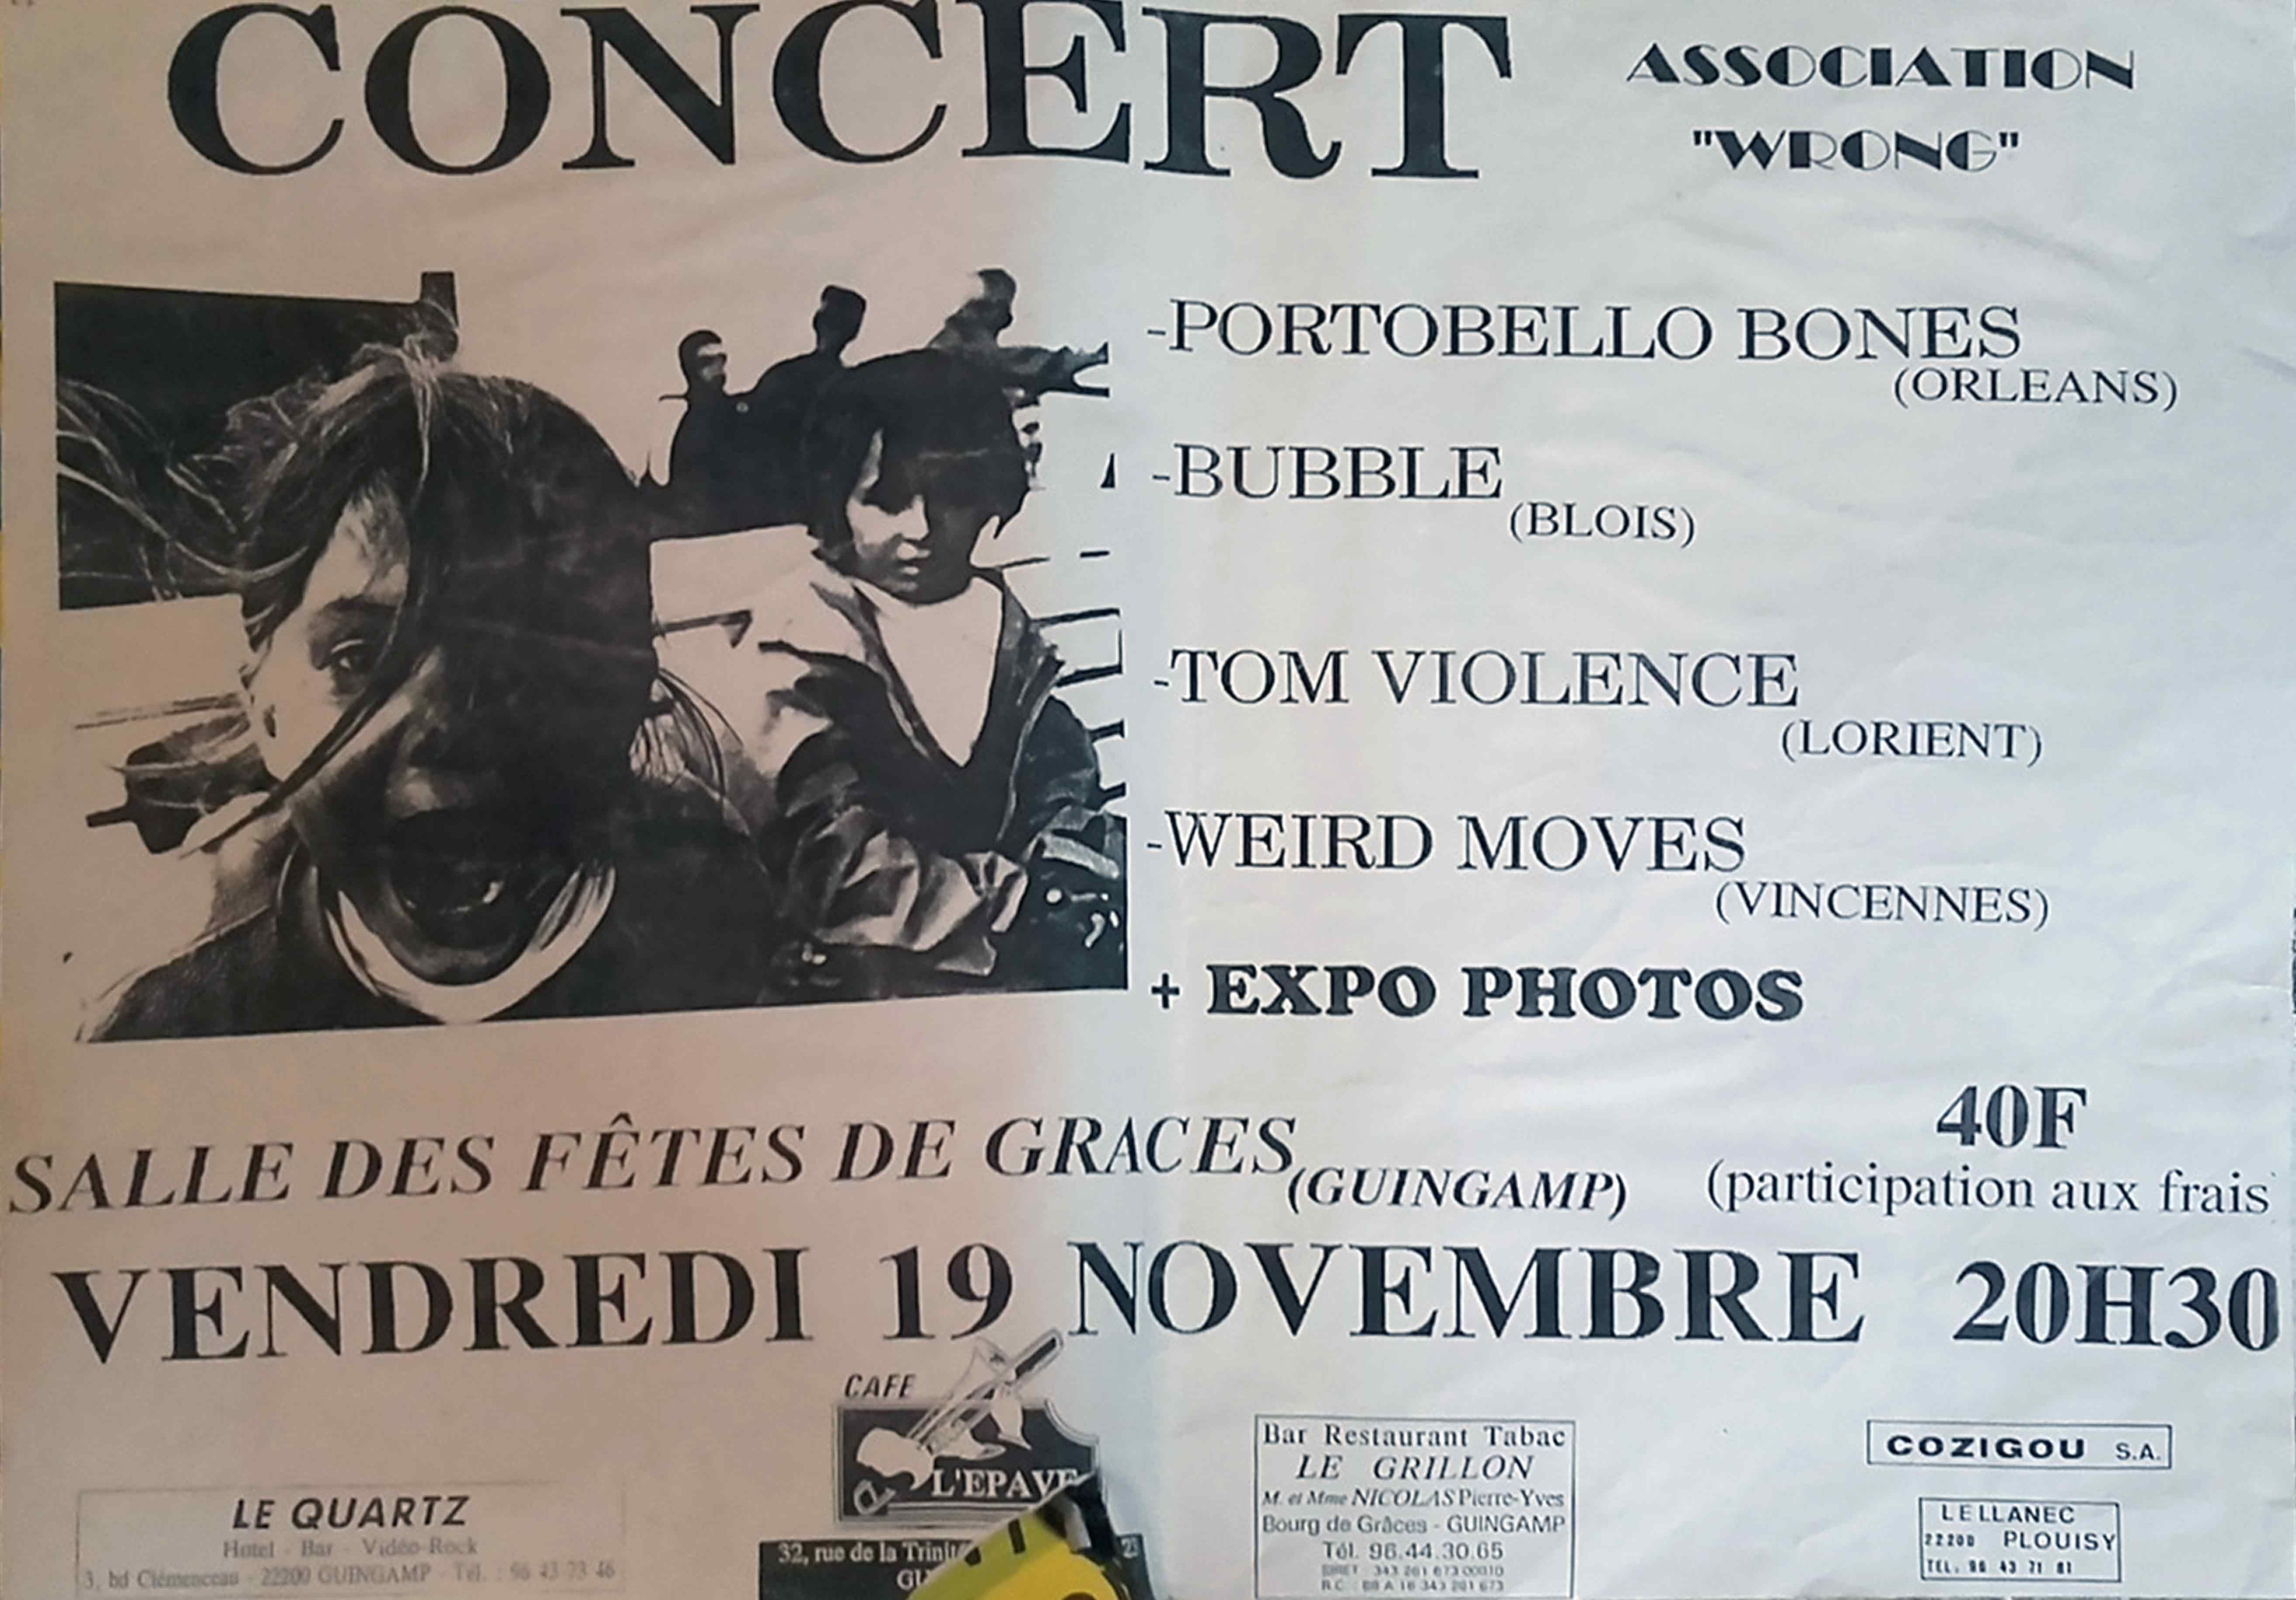 """19 novembre 1993 Portobello Bones, Bubble, Tom Violence, Weird Moves à Graces """"Salle des Fetes"""""""